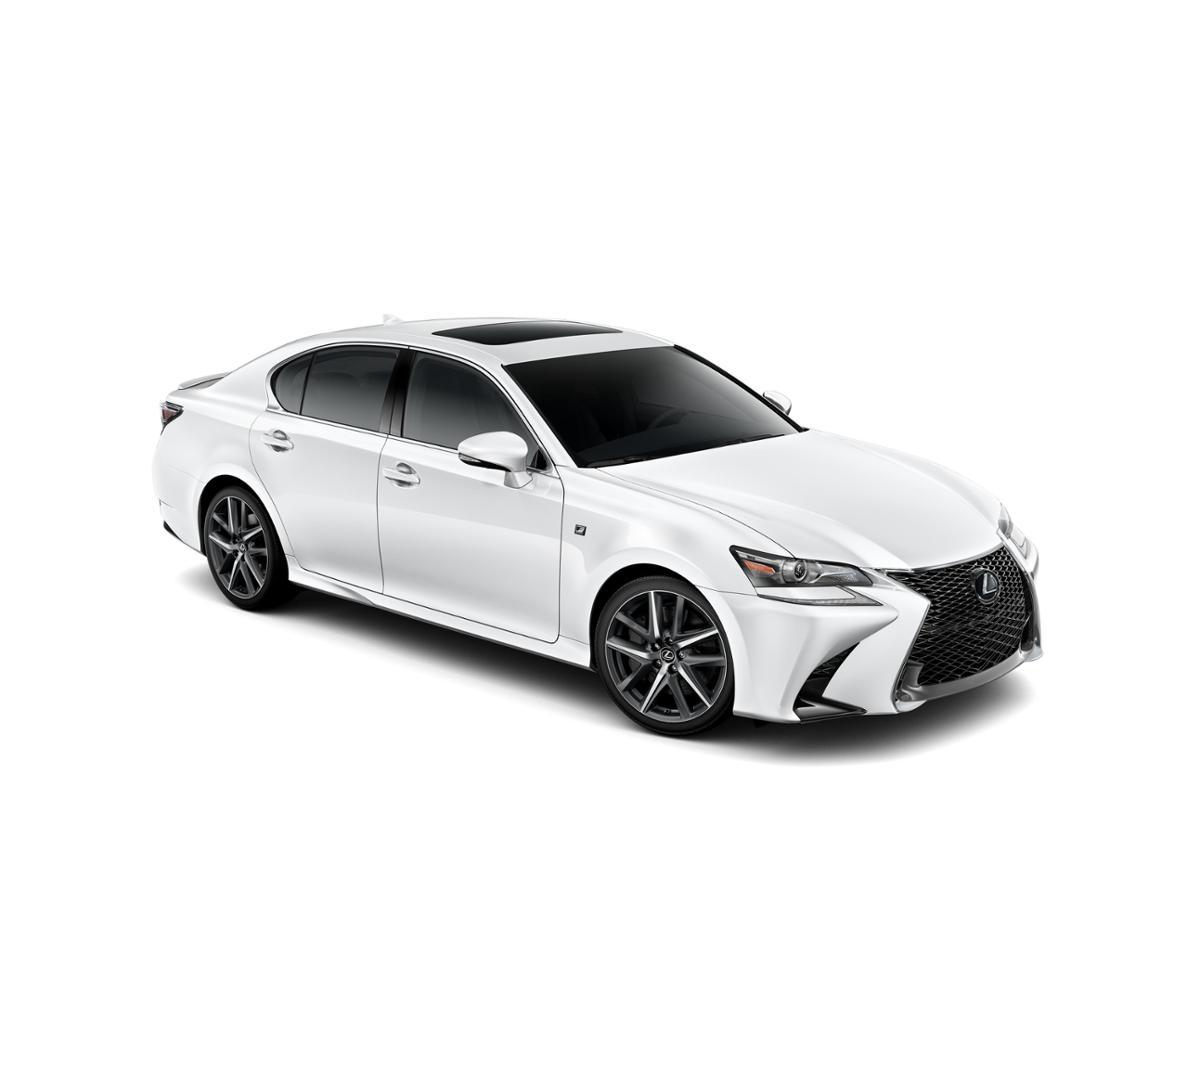 Lexus Gs For Sale: New 2018 Lexus GS 350 F Sport For Sale